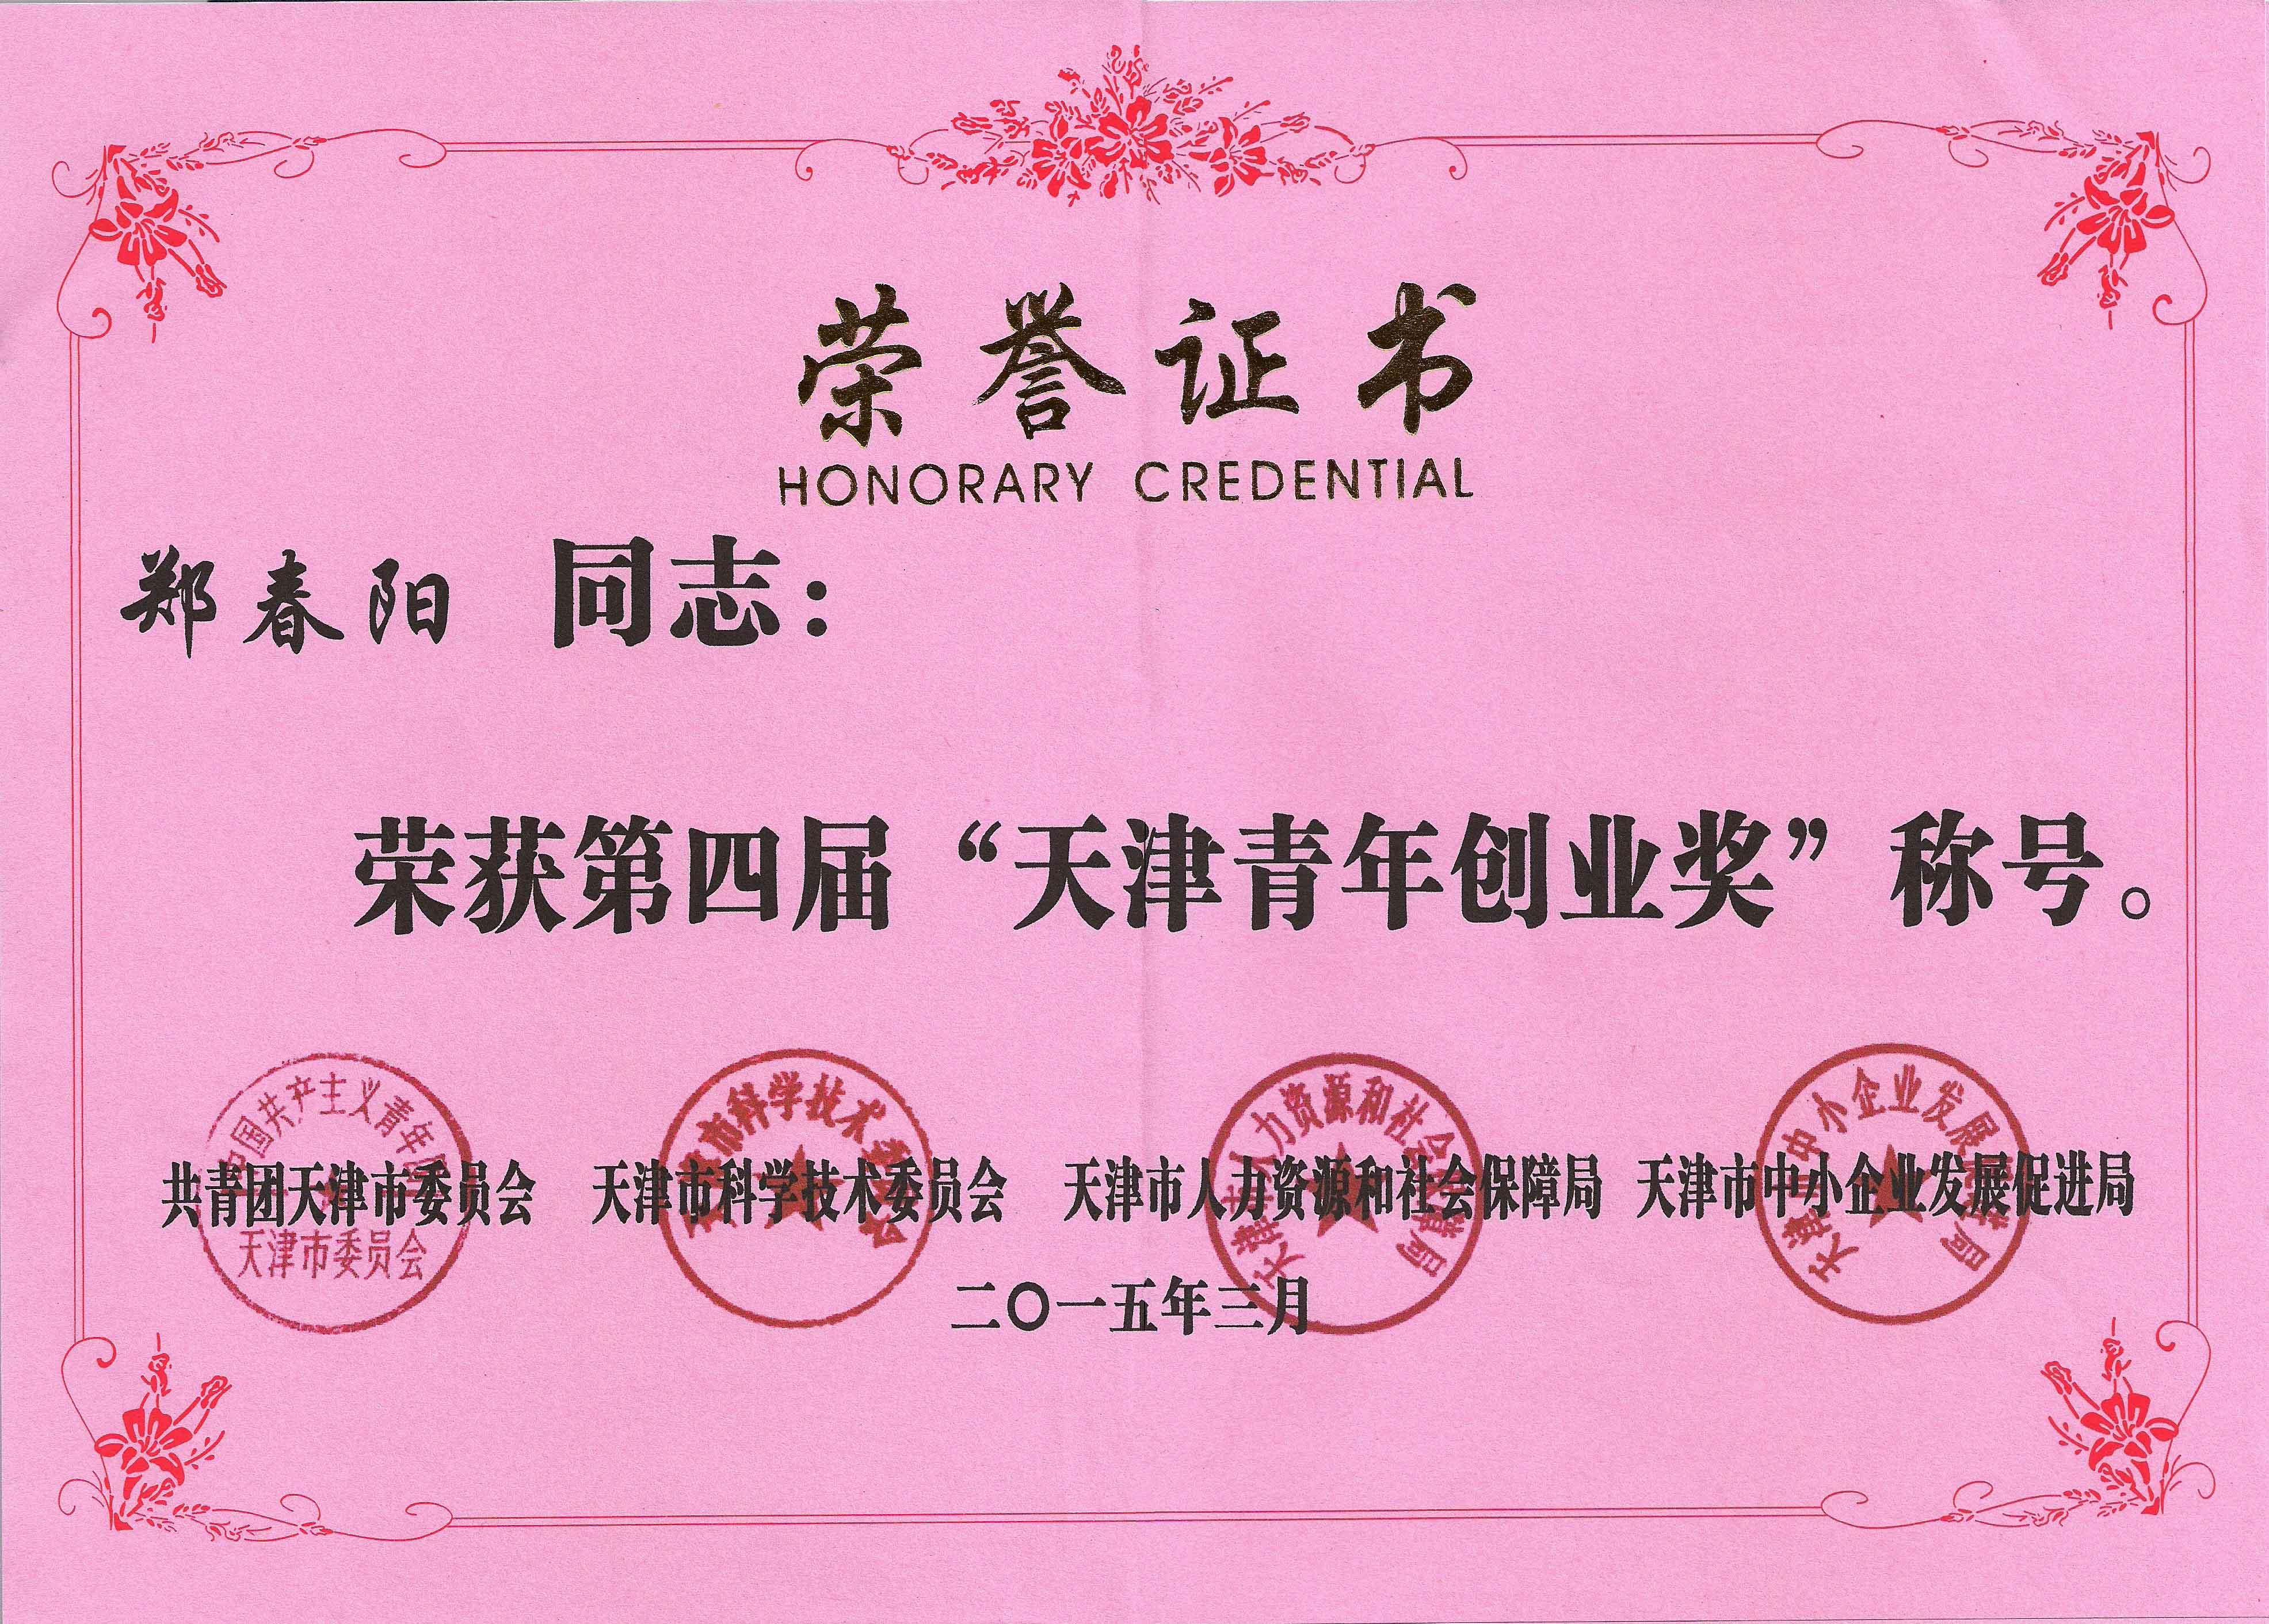 公司荣誉-天津青年创业奖